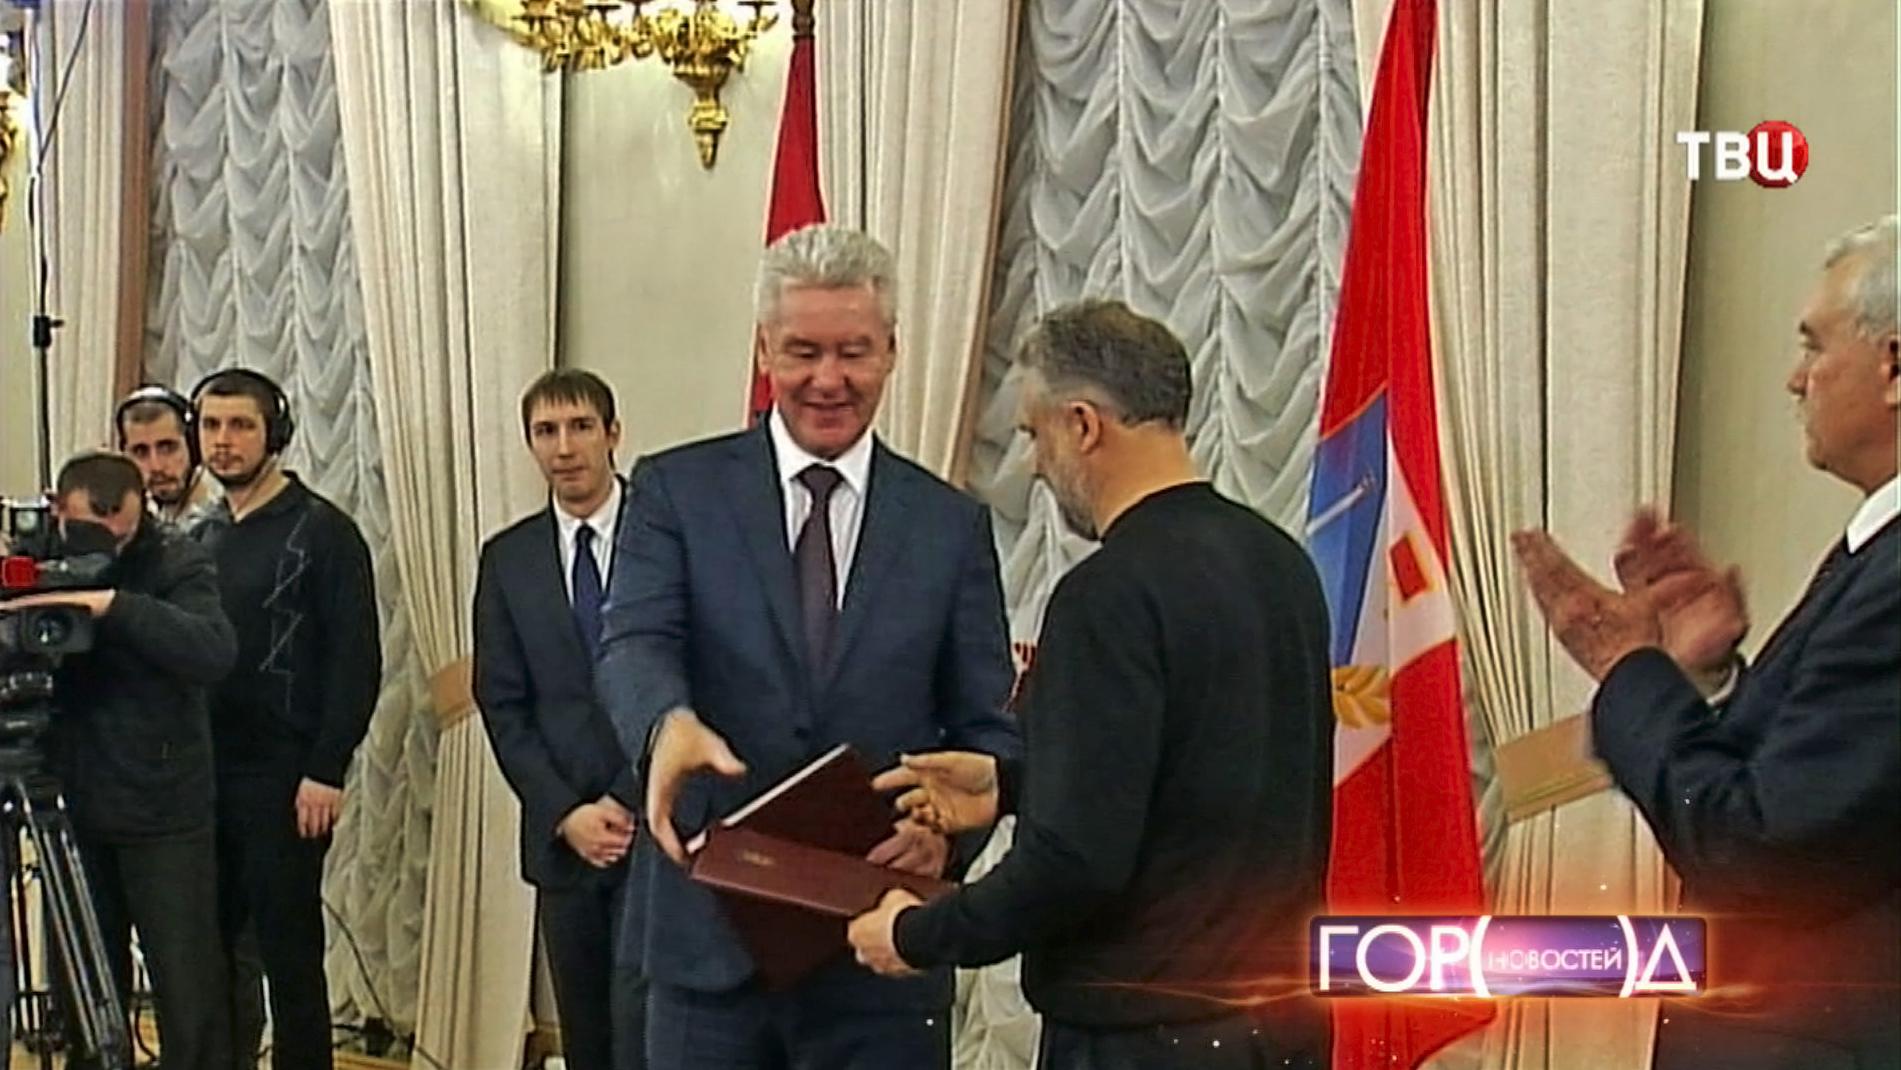 Мэр Москвы Сергей Собяни и мэр Севастополя Алексей Чалый подписали новое соглашение о сотрудничестве